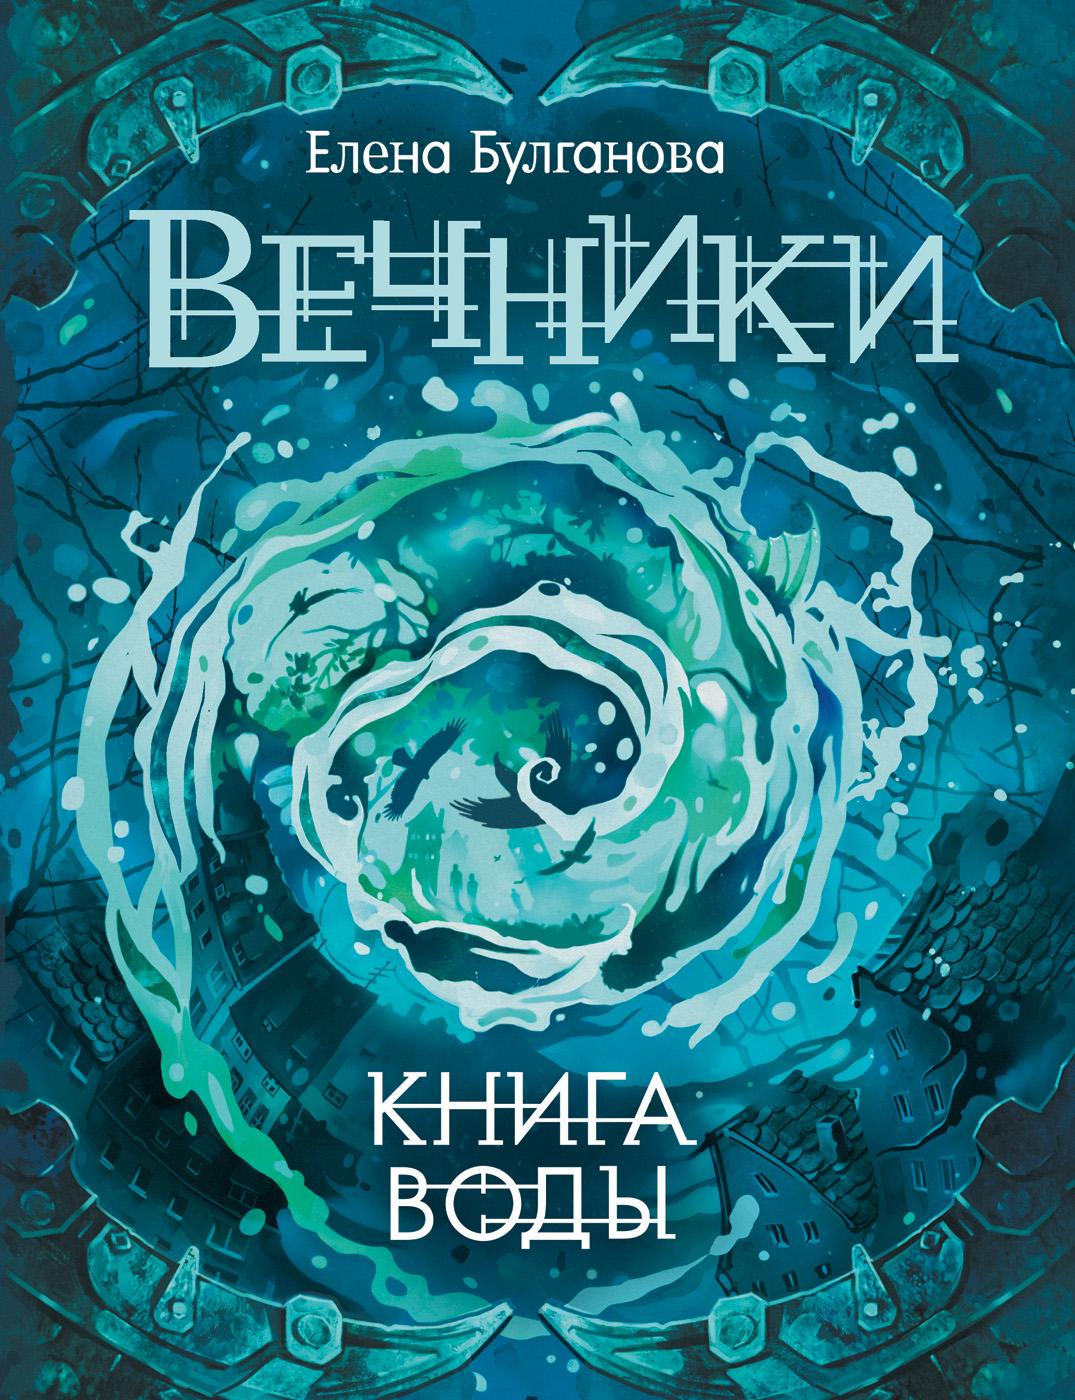 Булганова Е. Вечники. Книга воды. Книга 1. цена 2017